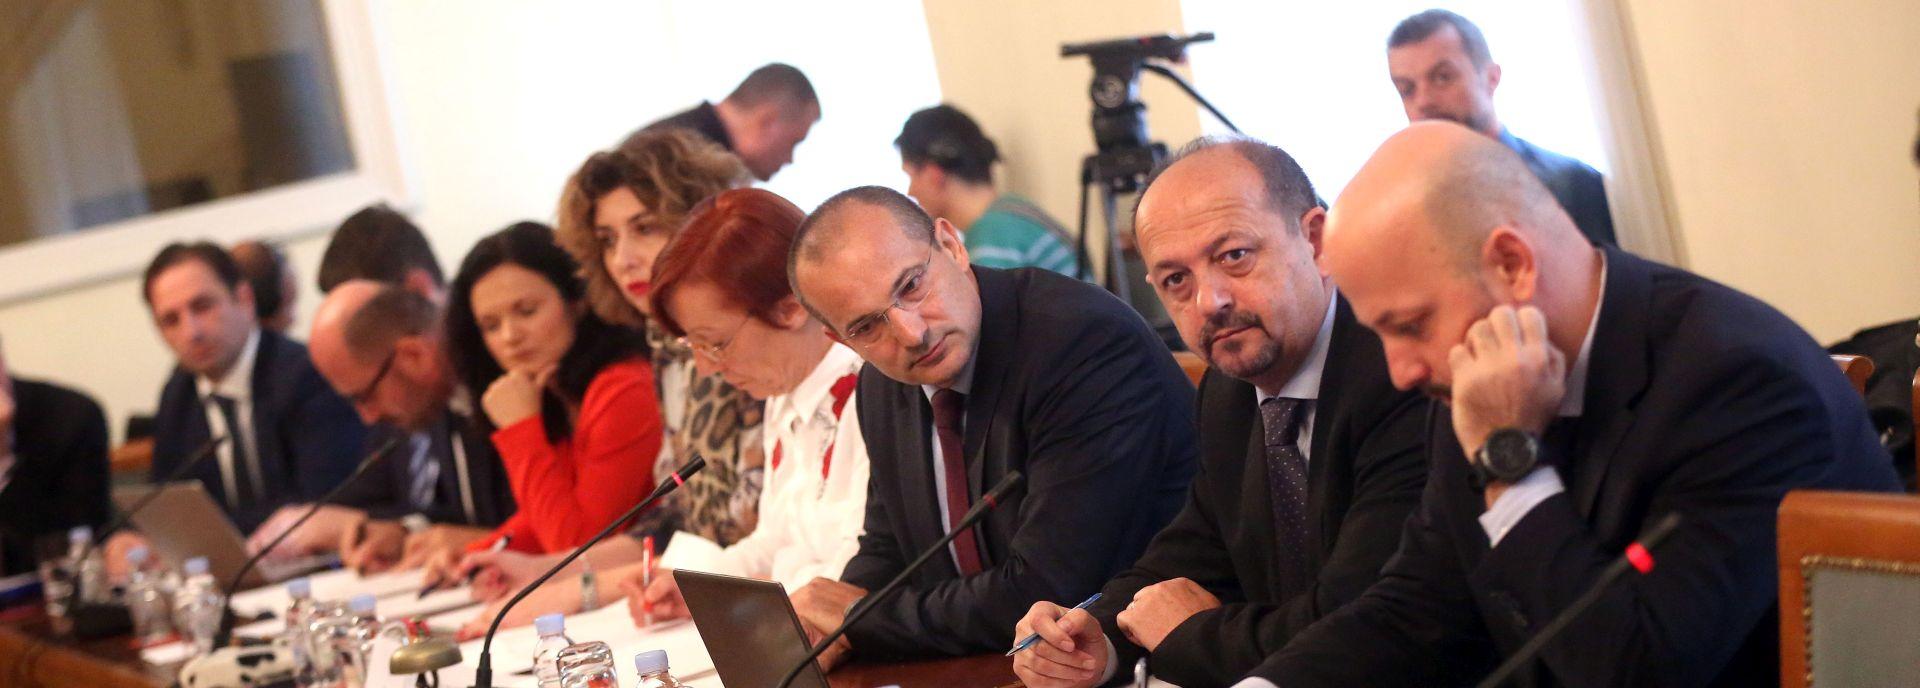 Bivši premijeri Gregurić i Mateša stižu pred istražno povjerenstvo za Agrokor